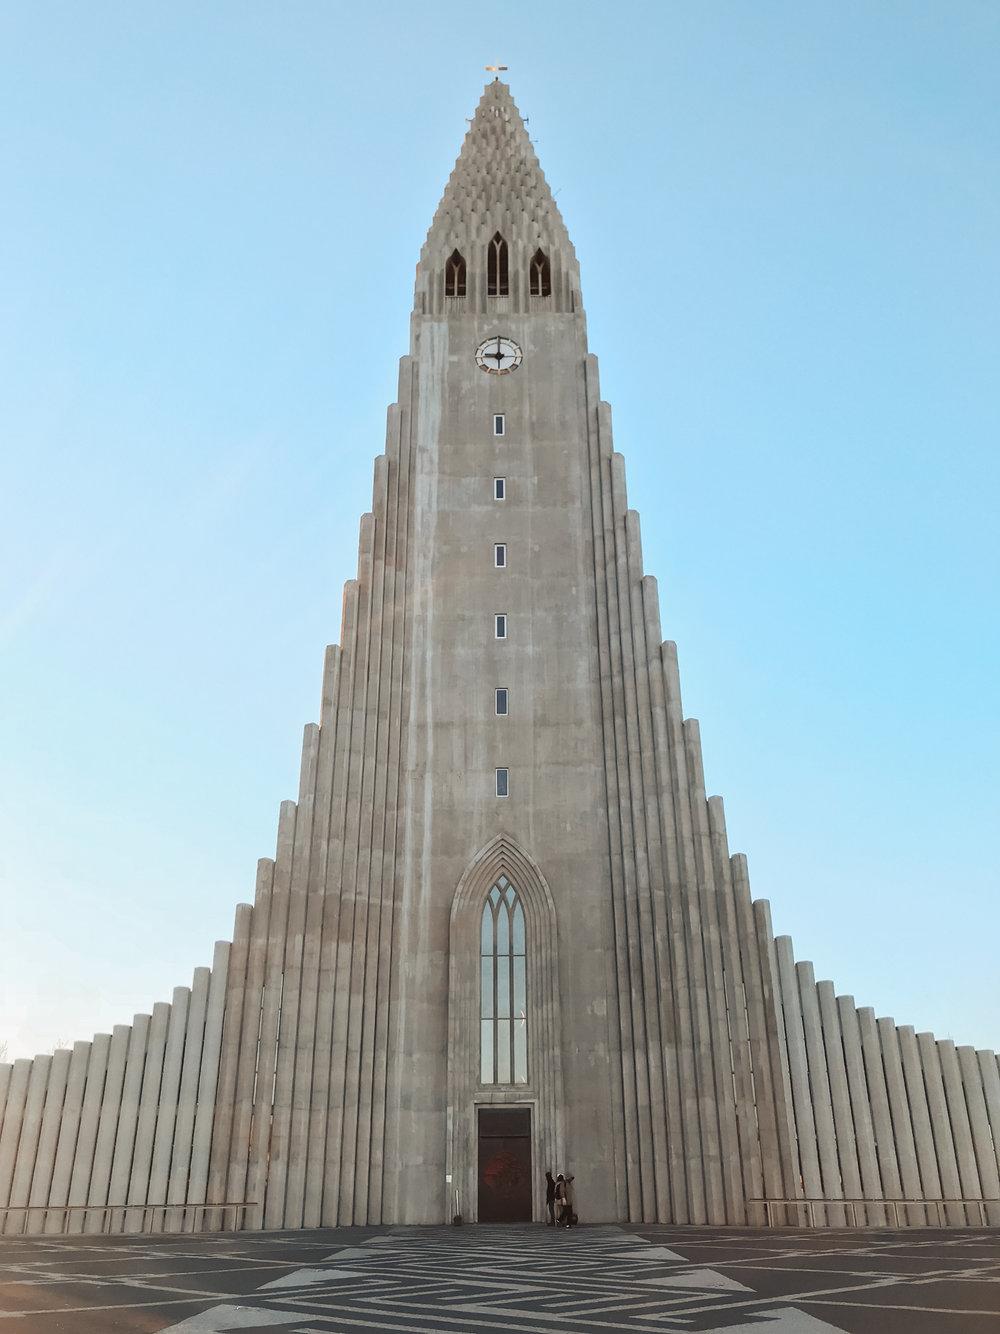 reykjavik-hallgrimskirkja-church.jpg